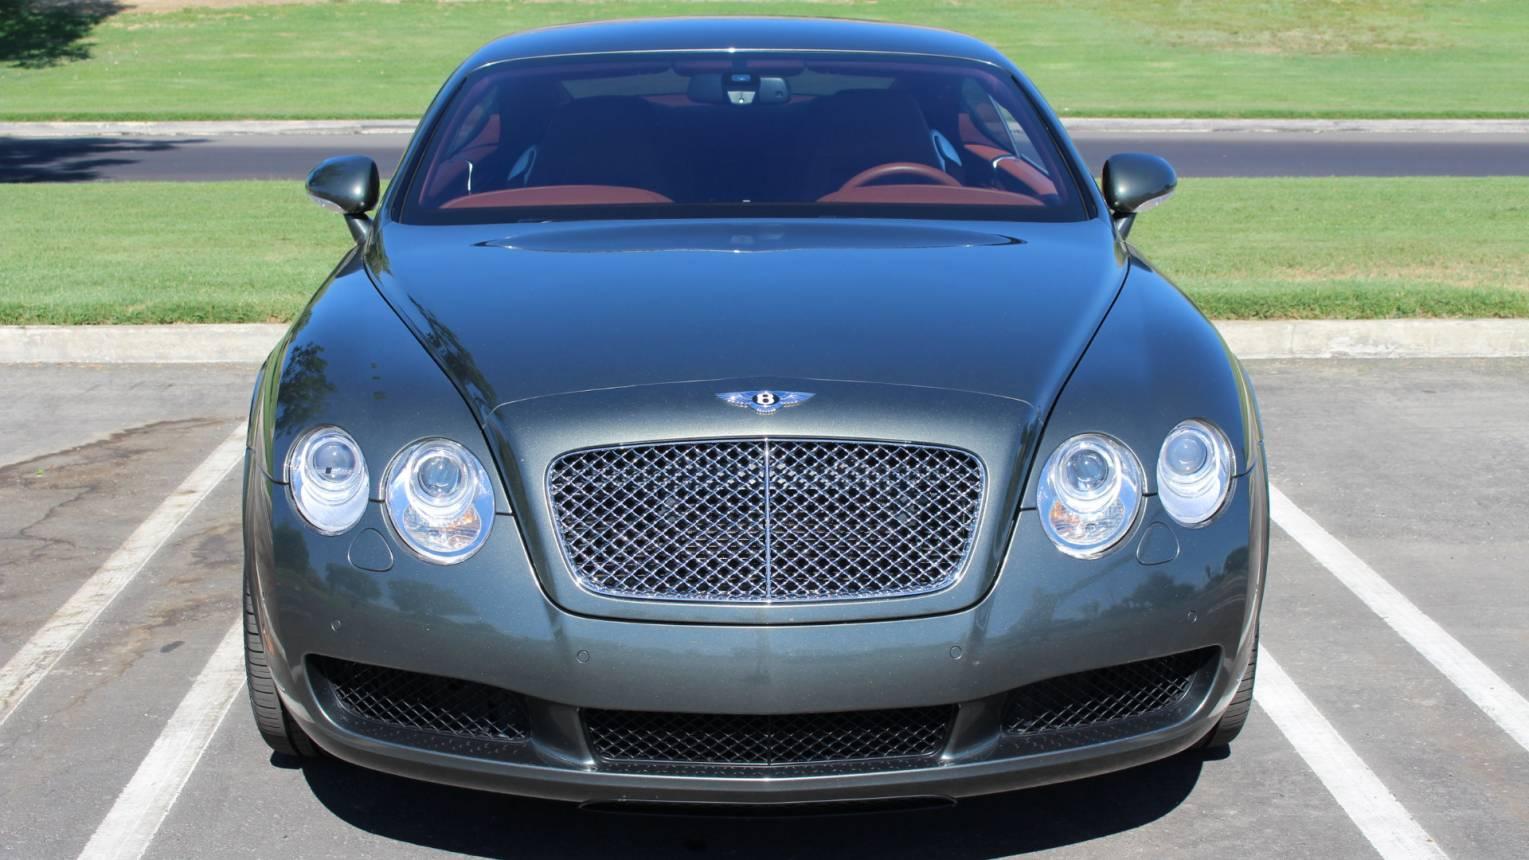 Bentley Continental GT-vel városnézés! Irány az étterem, vagy színház!